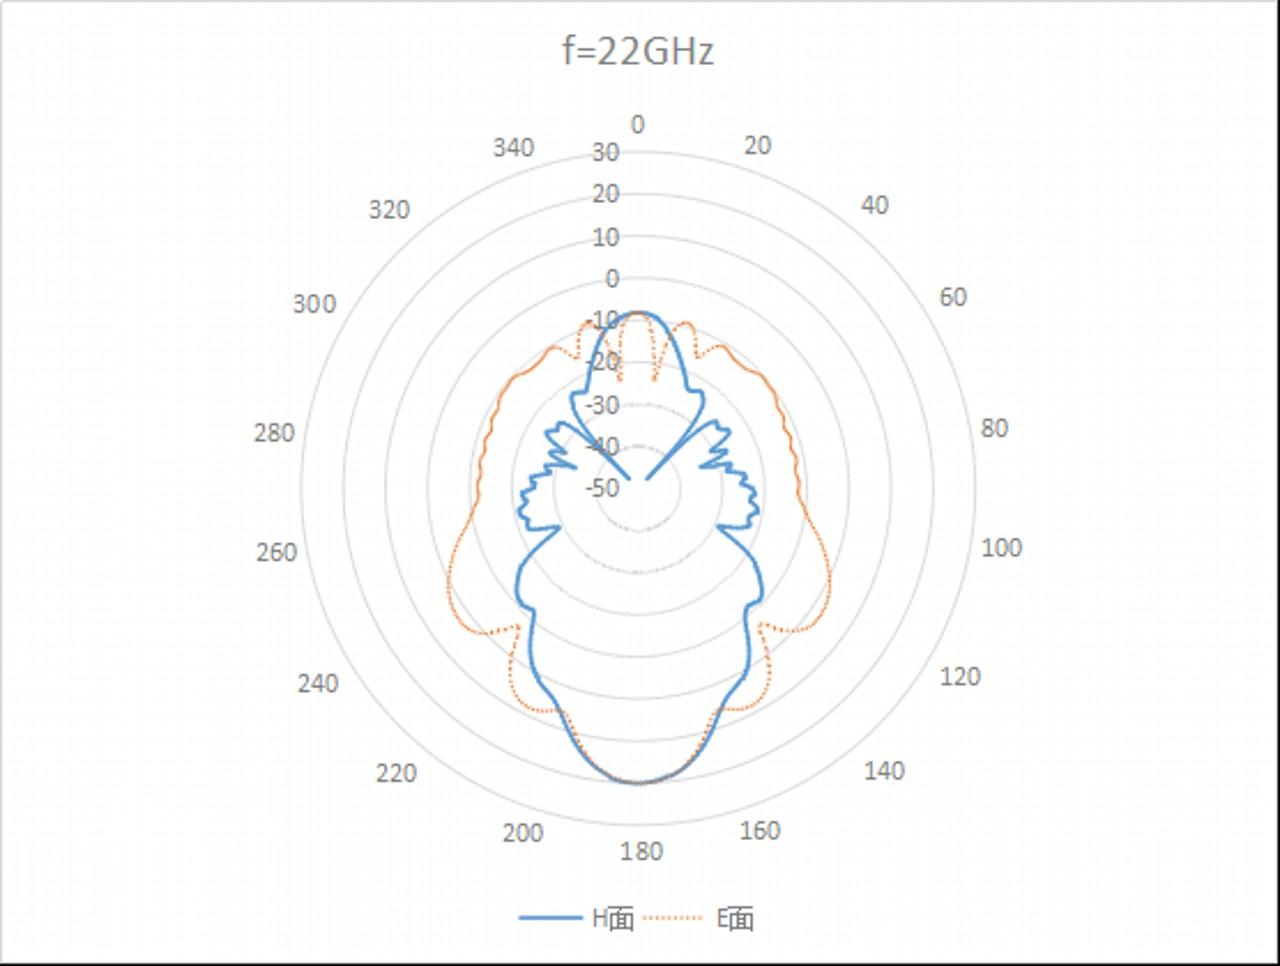 WR-34 Waveguide - 22GHz - 33GHz - Standard Gain Horn Antenna 1